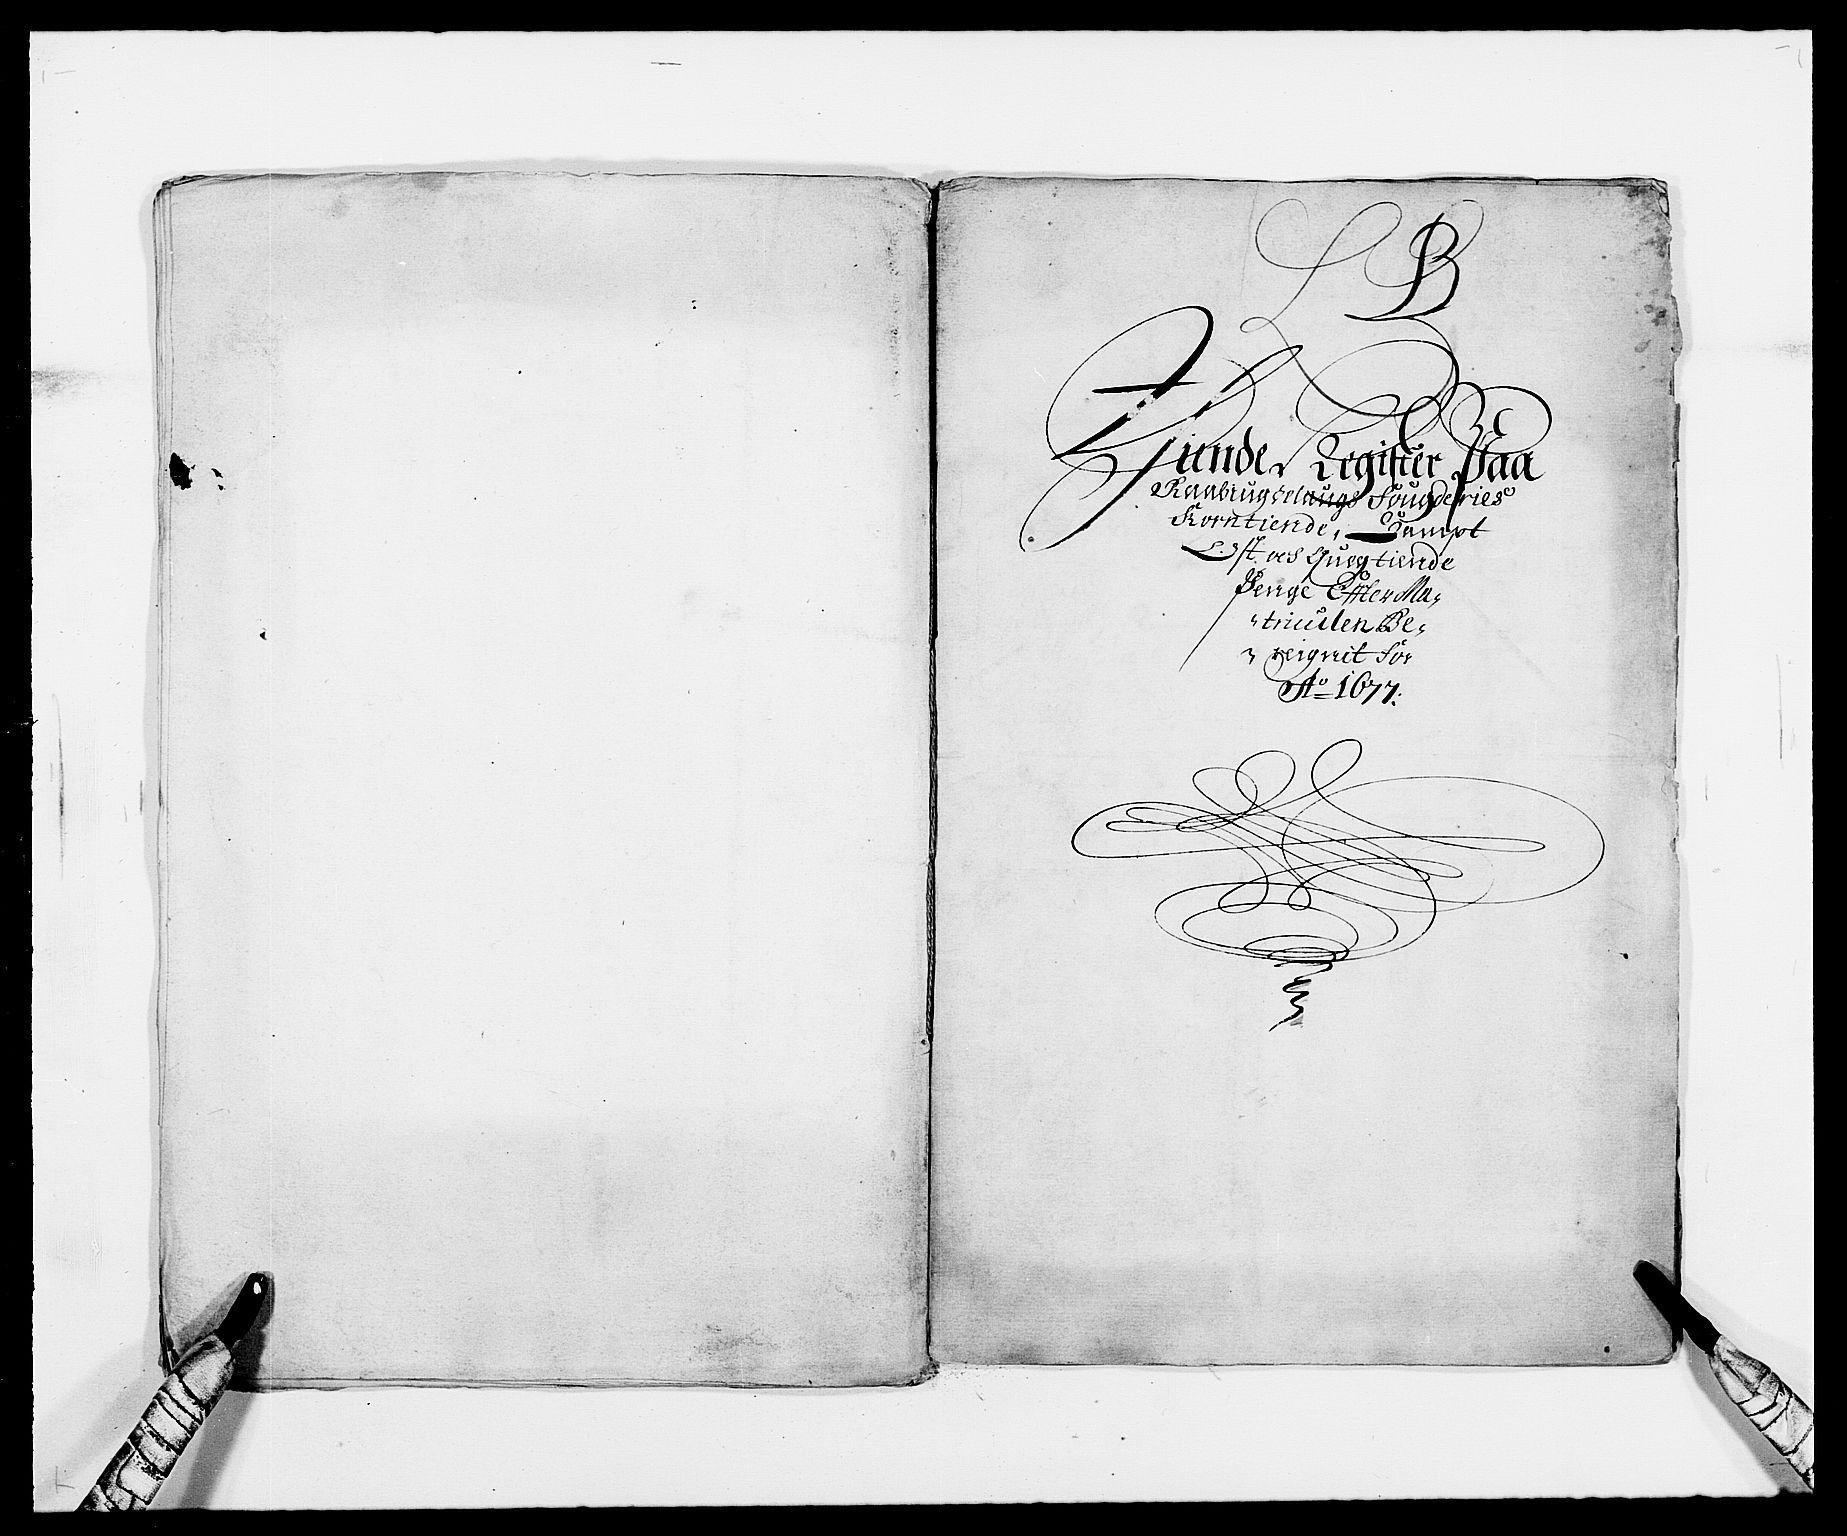 RA, Rentekammeret inntil 1814, Reviderte regnskaper, Fogderegnskap, R40/L2435: Fogderegnskap Råbyggelag, 1677-1678, s. 11